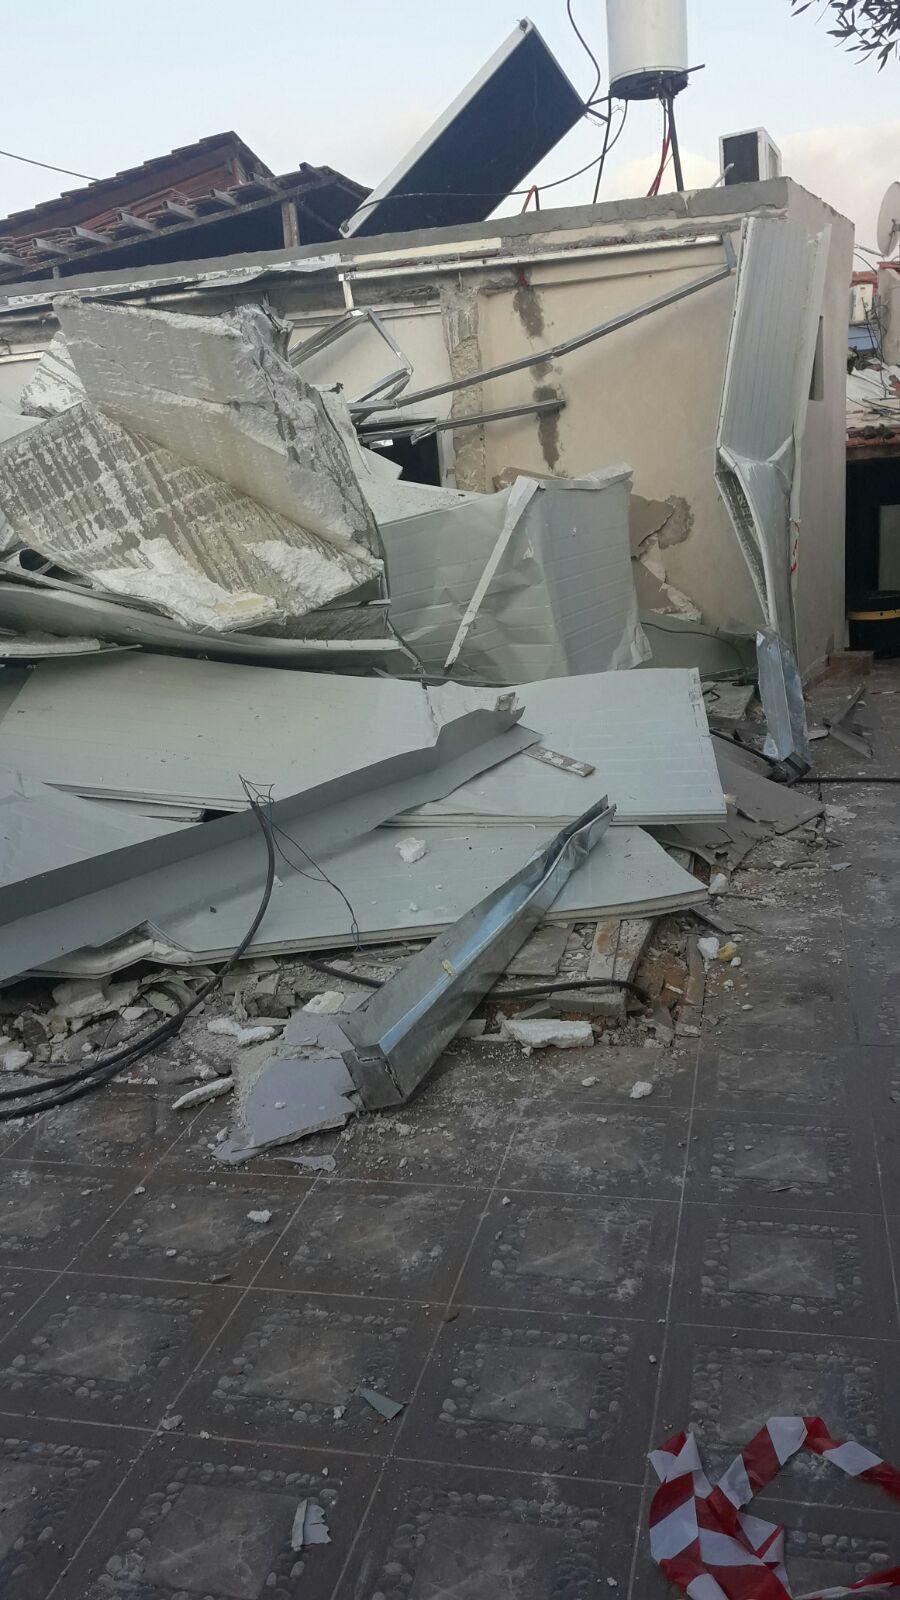 بلدية اللد تهدم منزلا لعائلة الفقير وتشرد قاطنيه